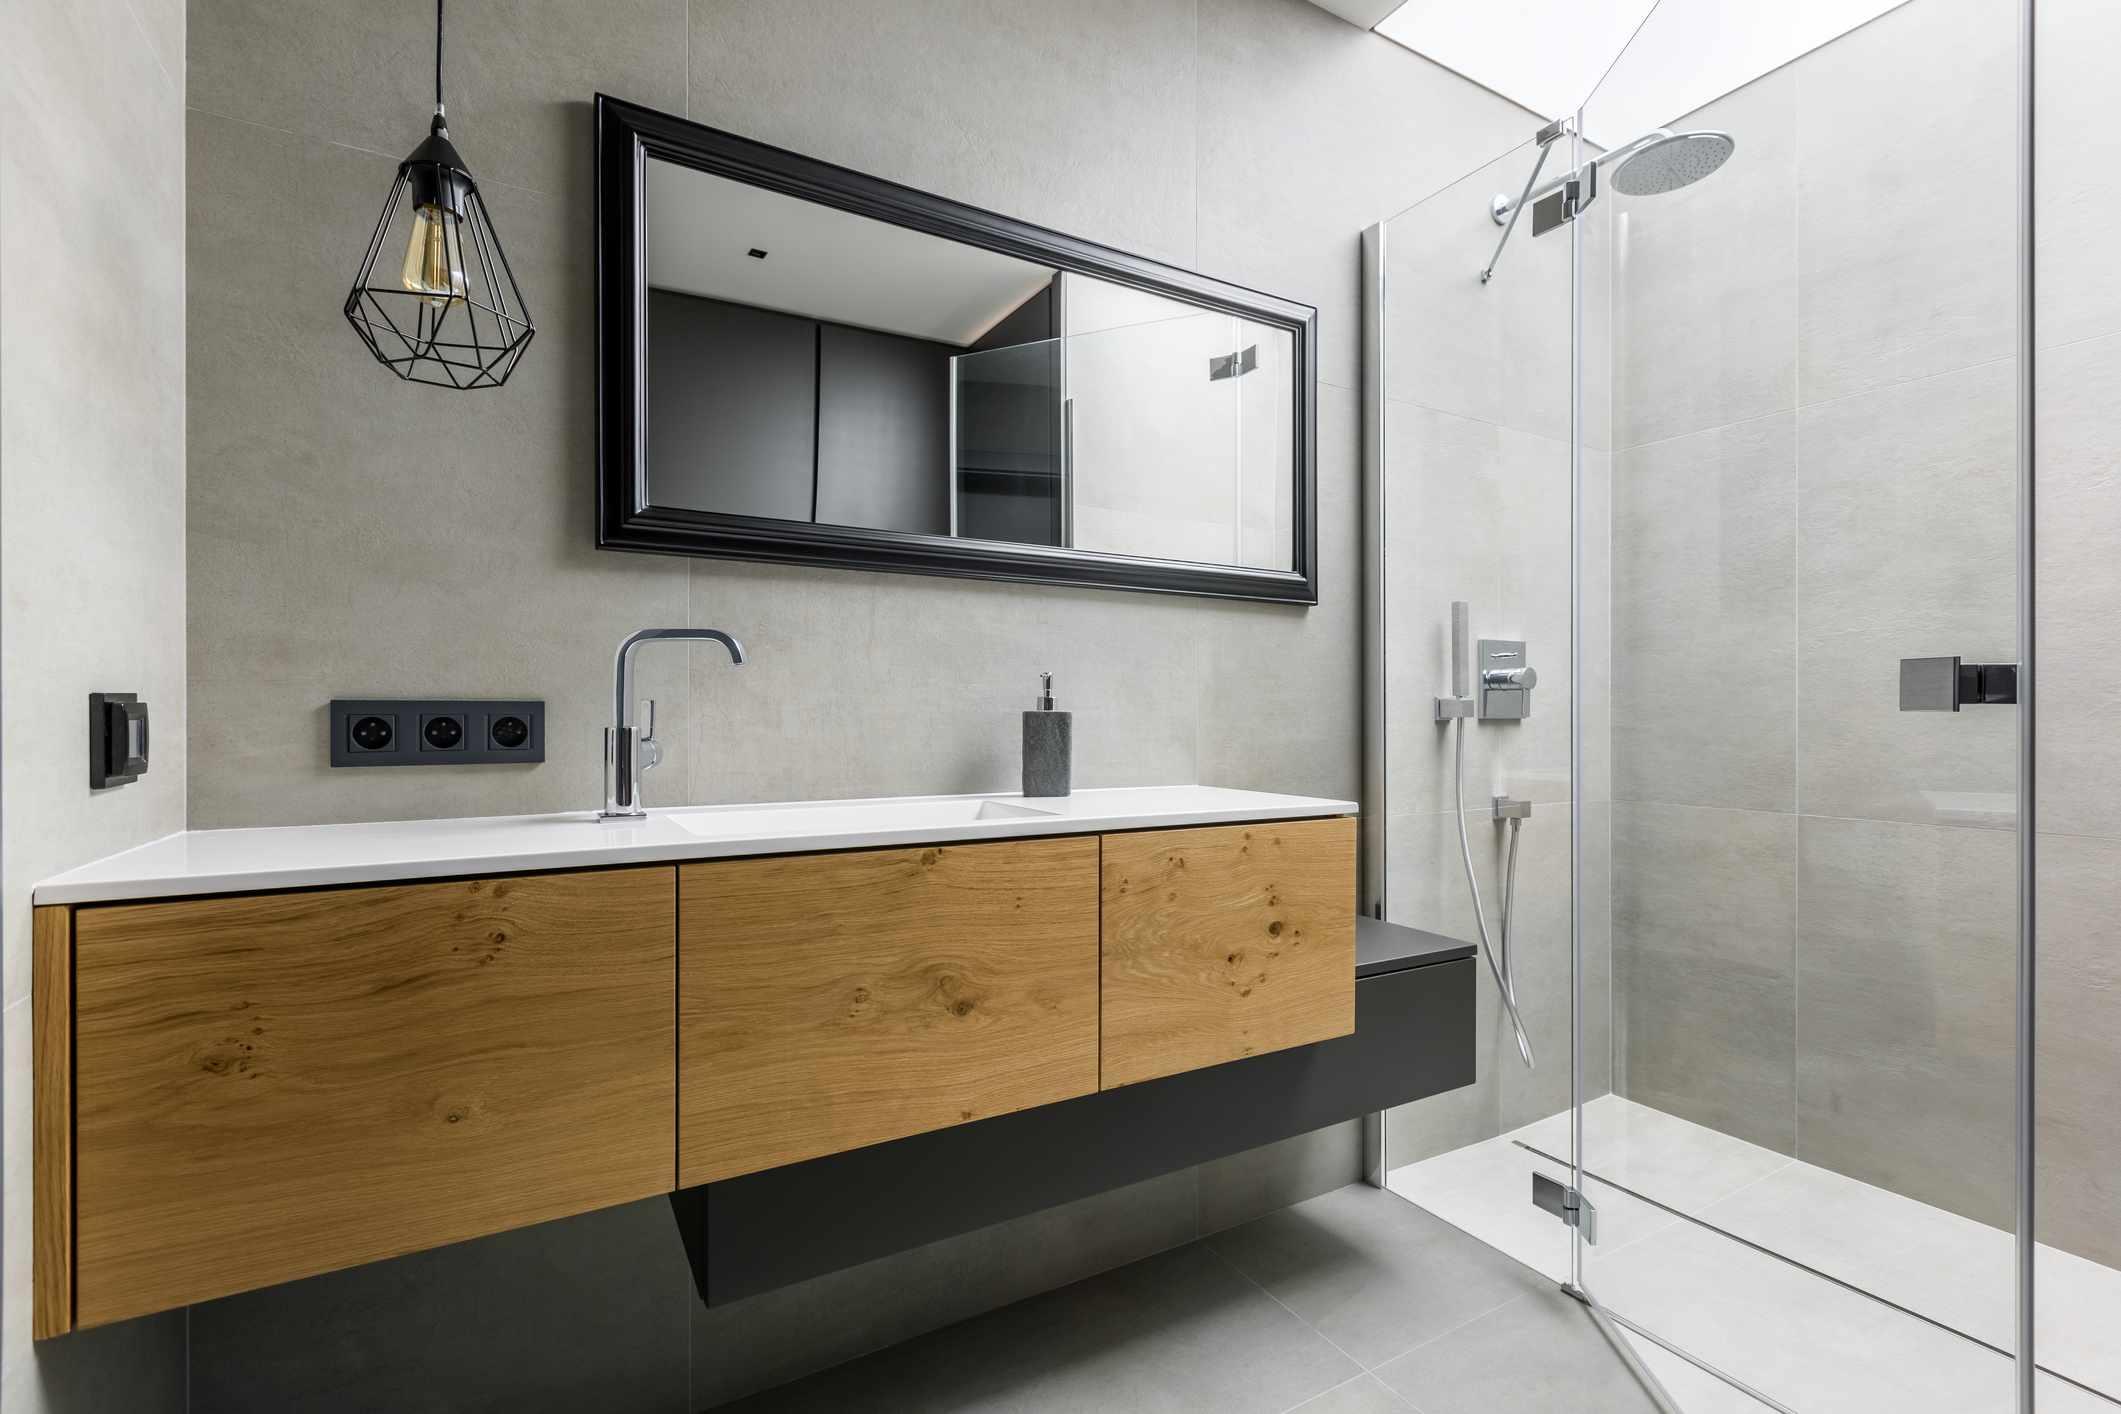 Industrial style contemporary bathroom